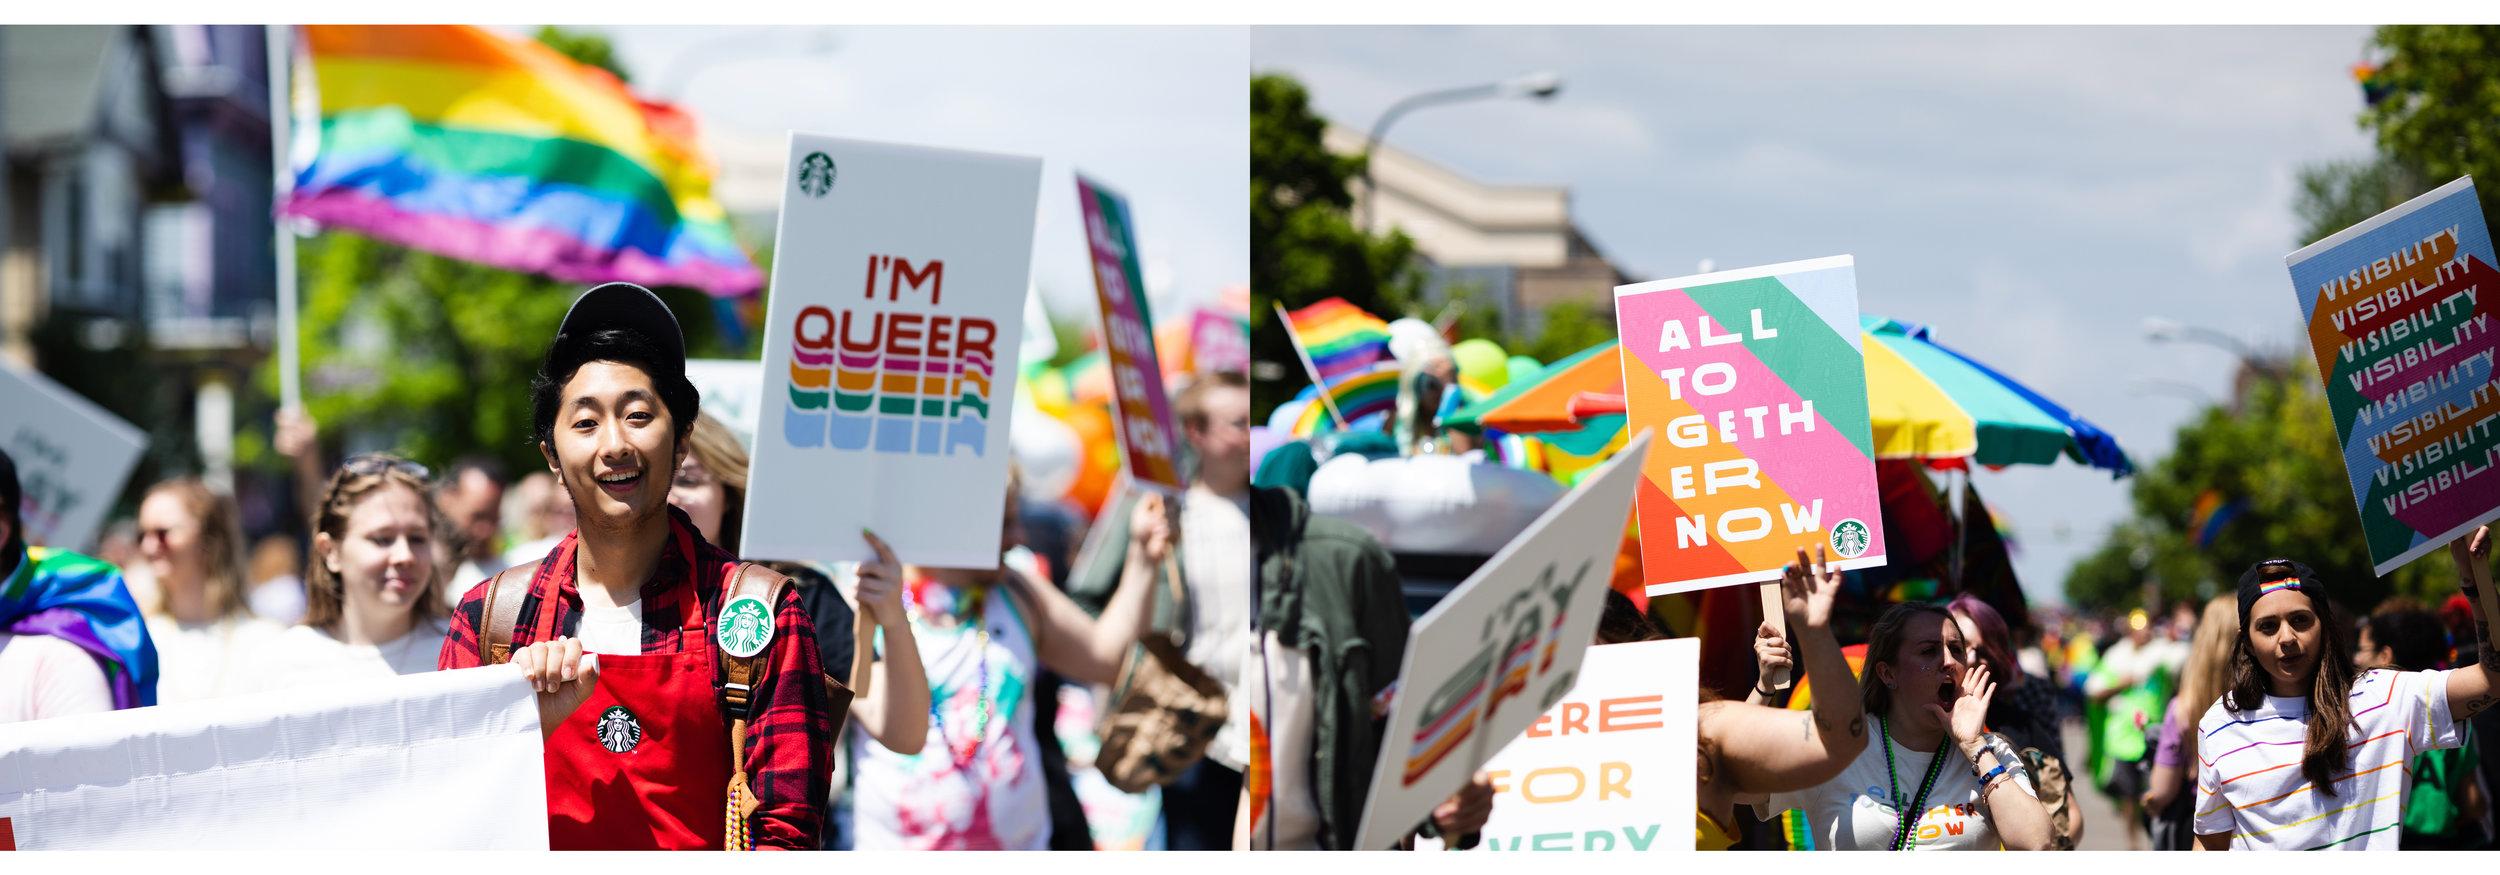 pride_2019_blog_23.jpg